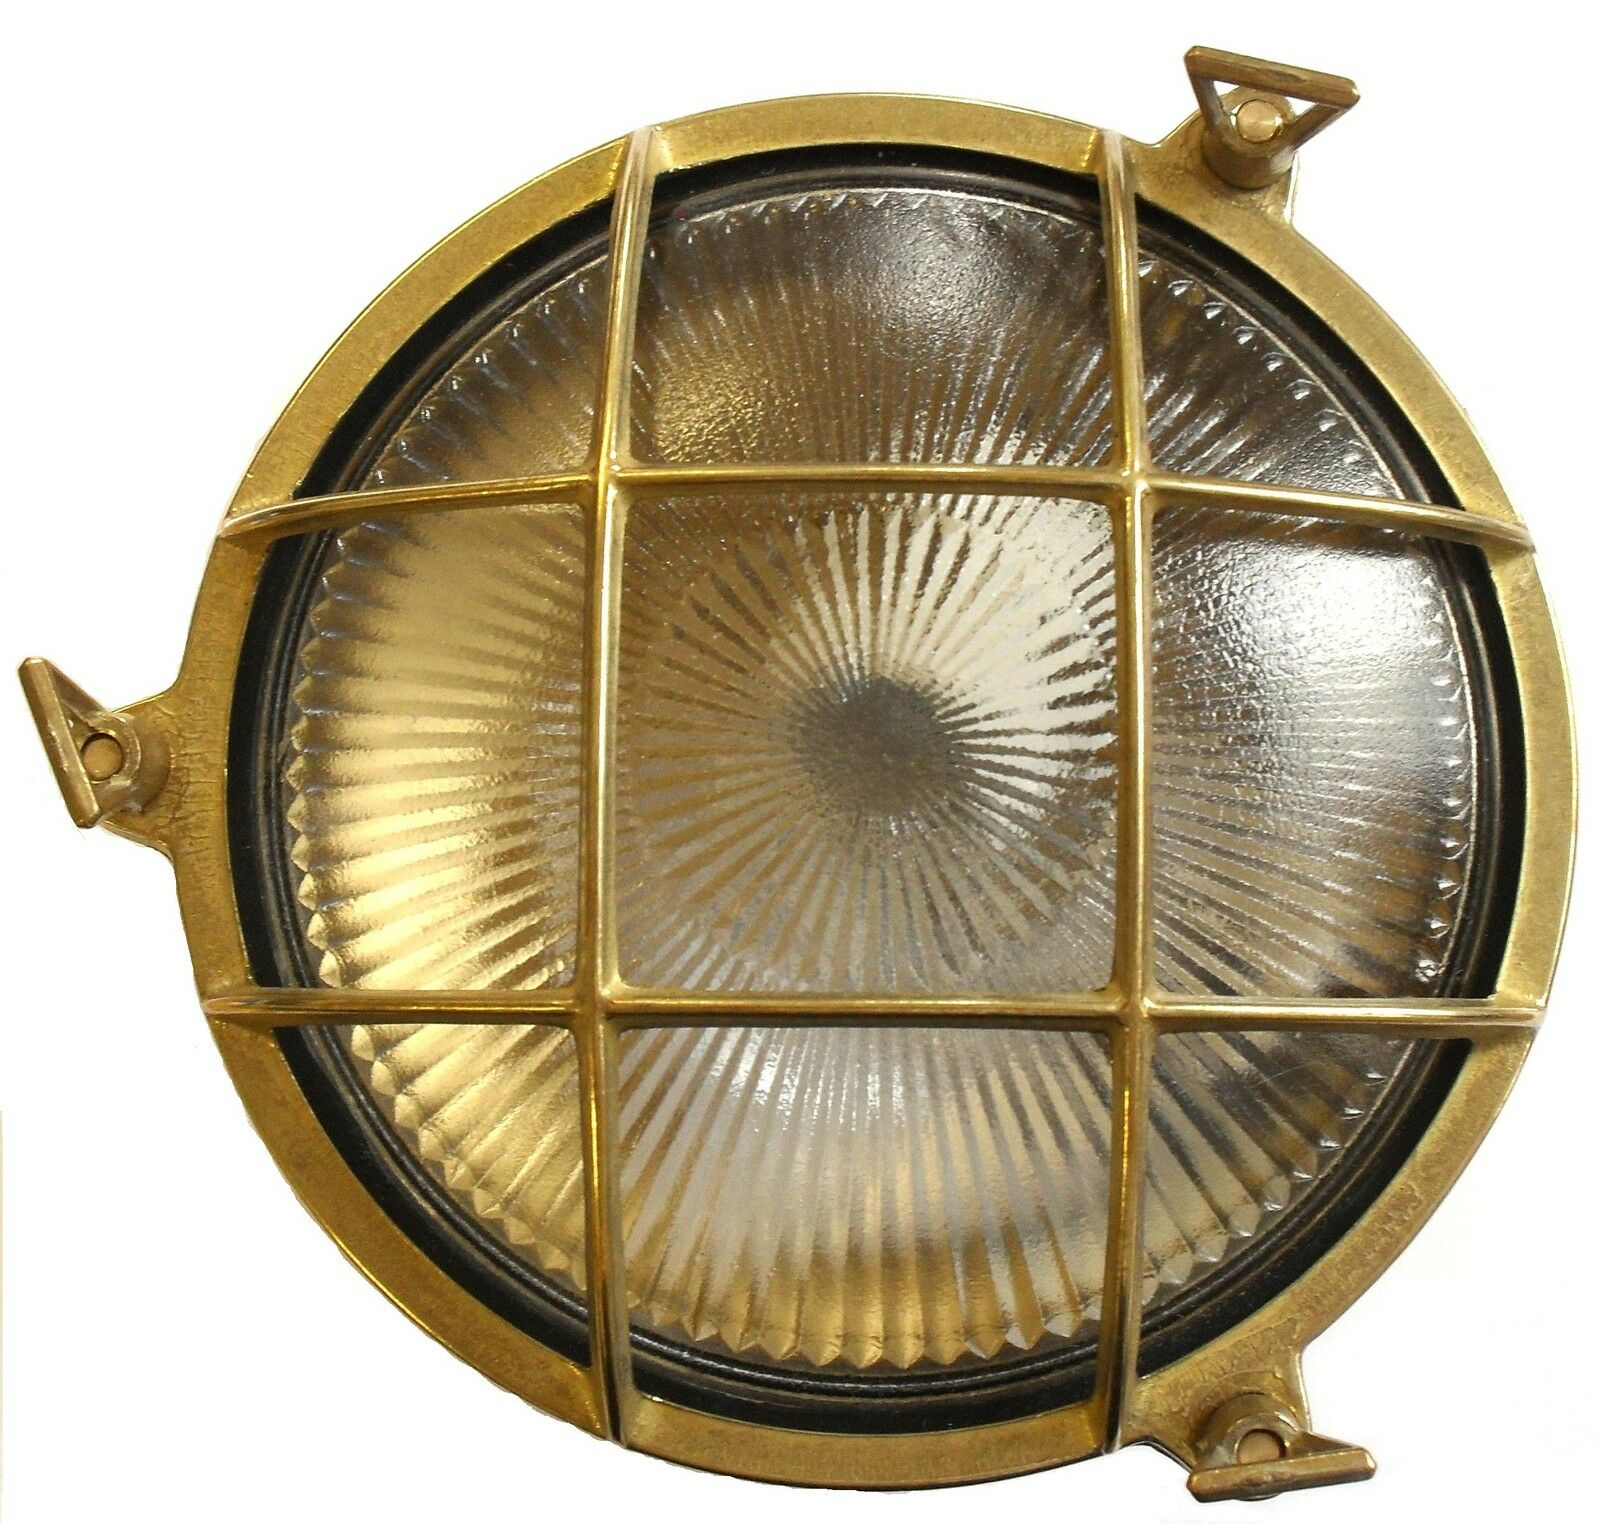 Mamparo de iluminación exterior sólido bronce ojo de buey (pequeño) Con Lámpara LED 6 W